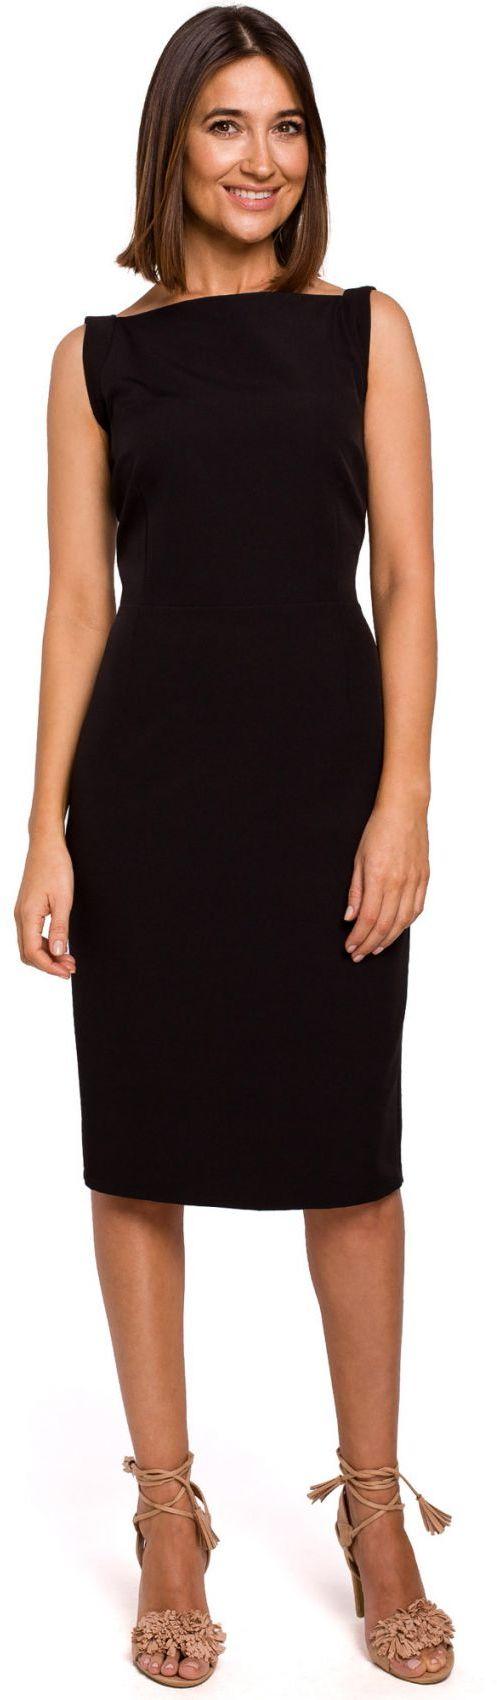 S216 Sukienka ołówkowa bez rękawów - czarna